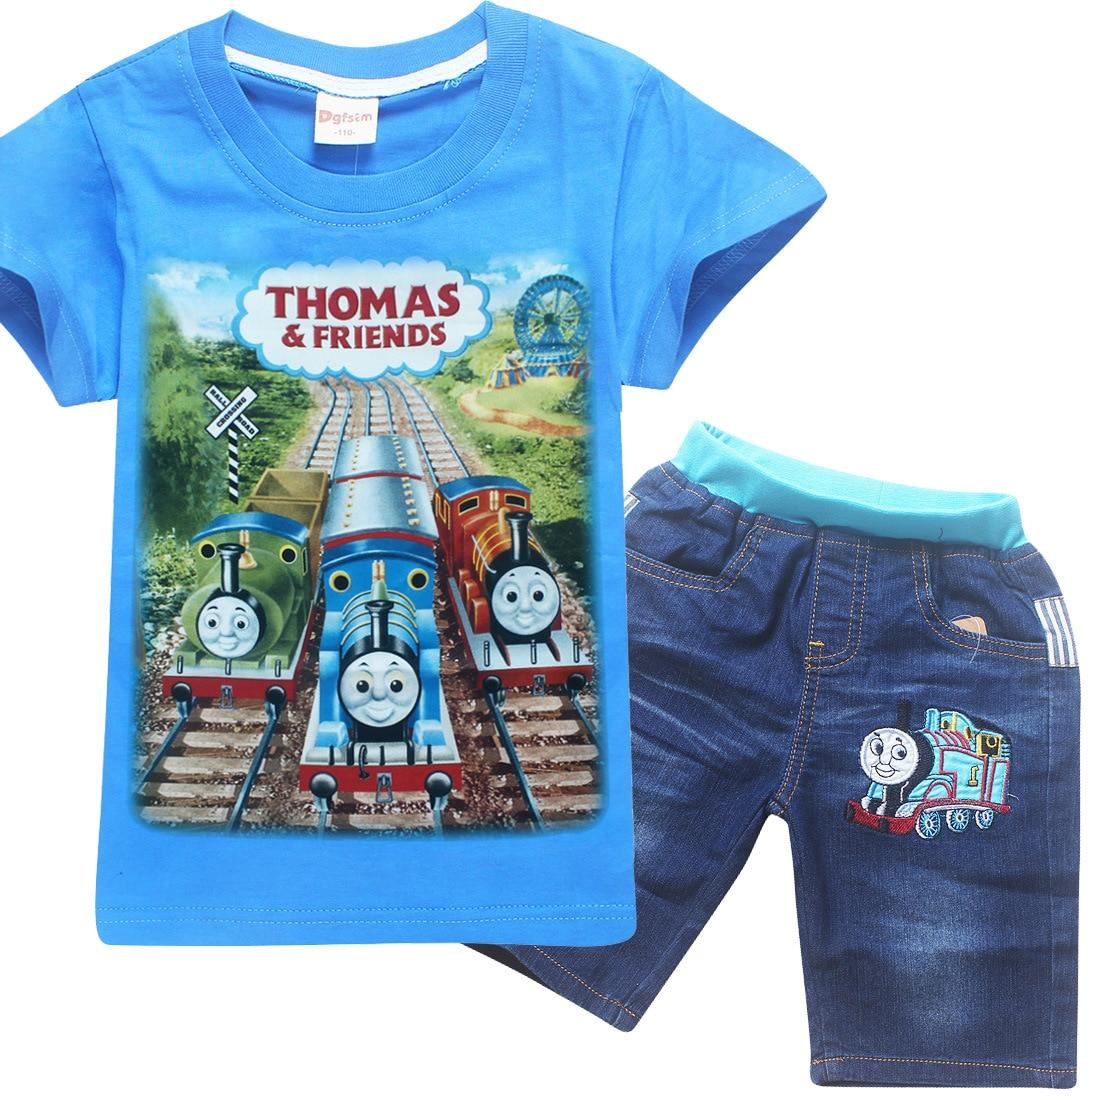 Garçon T-shirt Enfants Tops Thomas et amis Bébé Vêtements Petit Garçon D'été Chemise T-shirts Designer Coton Bande Dessinée tomas train Vêtements